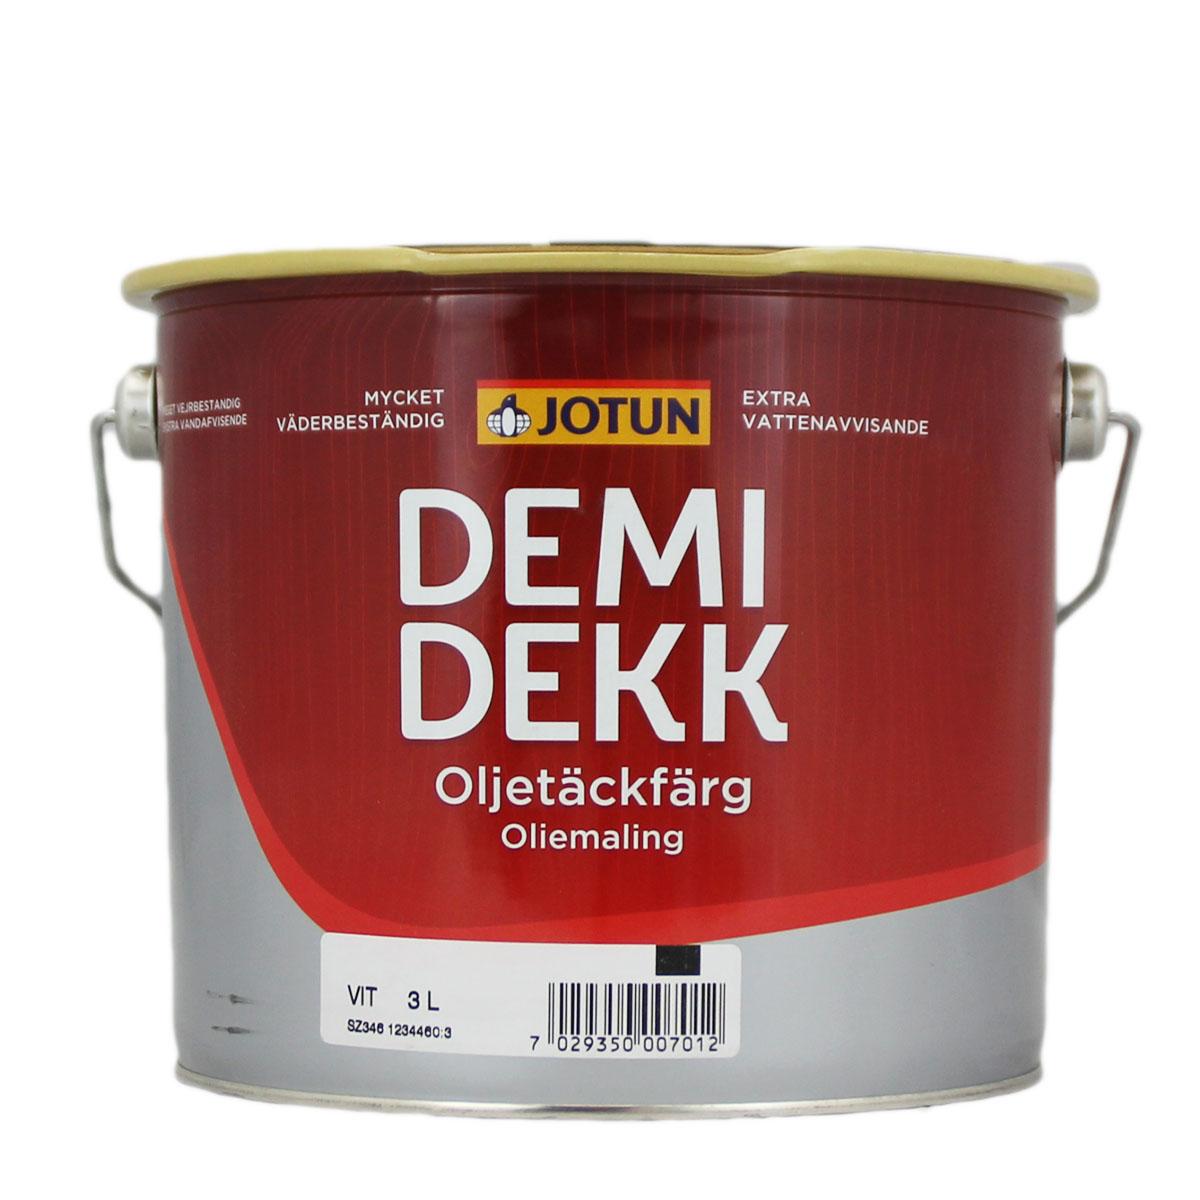 Jotun Demidekk Oljetäckfärg weiss 3L lösemittelhaltige Deckfarbe